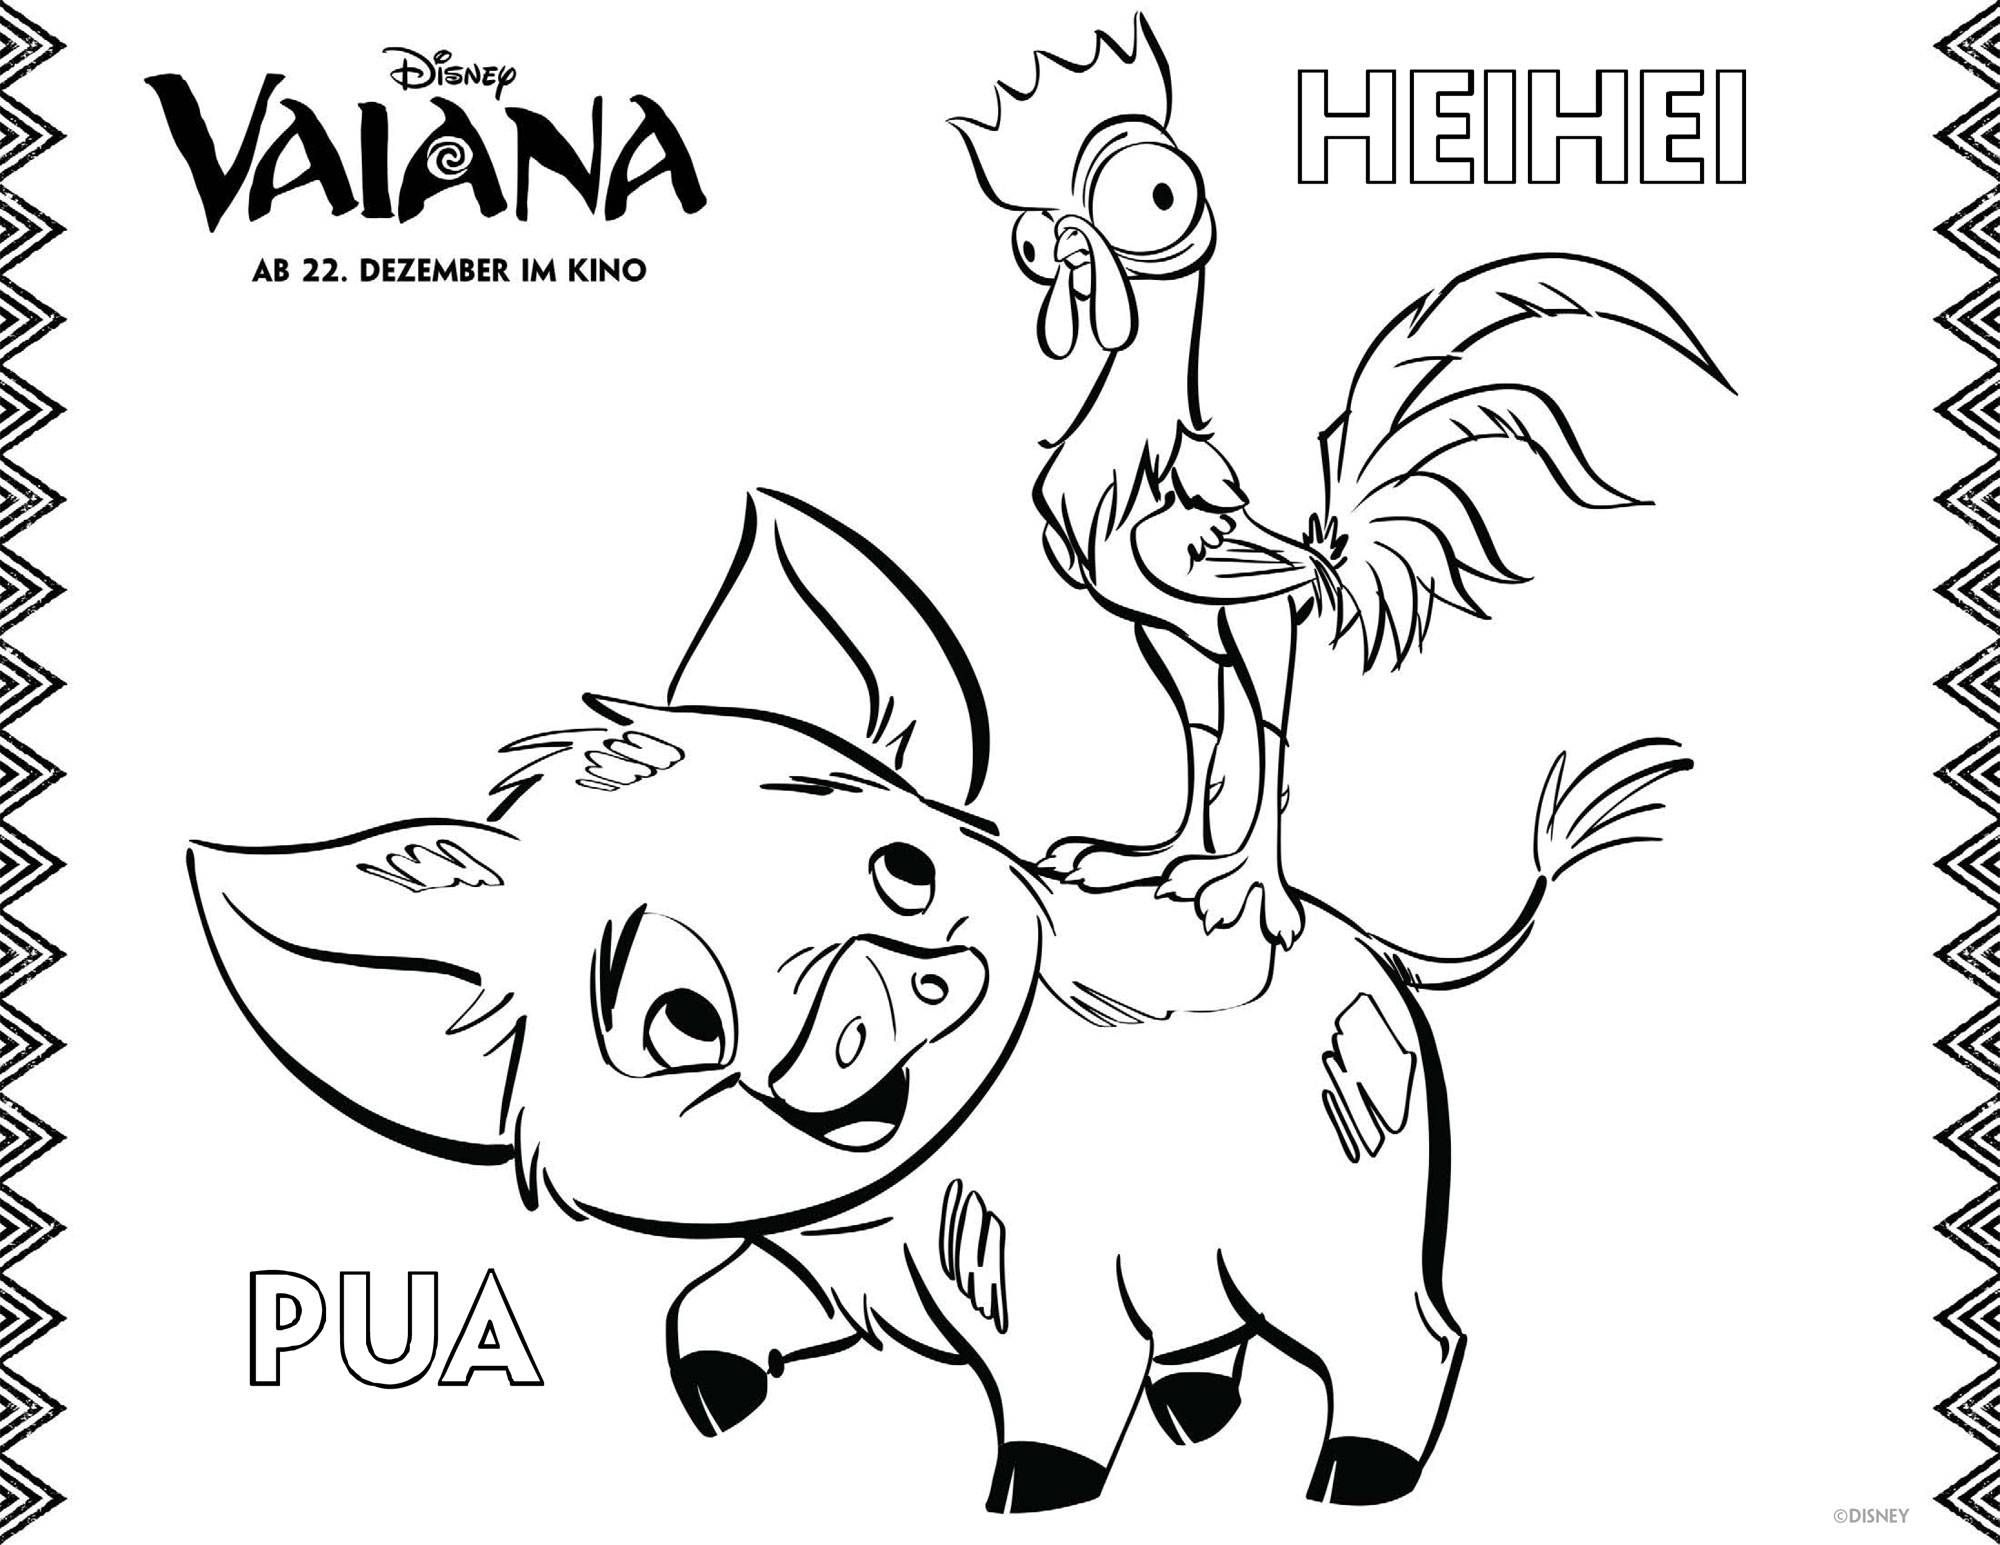 Ausmalbilder Vaiana Pua Und Heihei Ausmalbilder Pinterest Kids